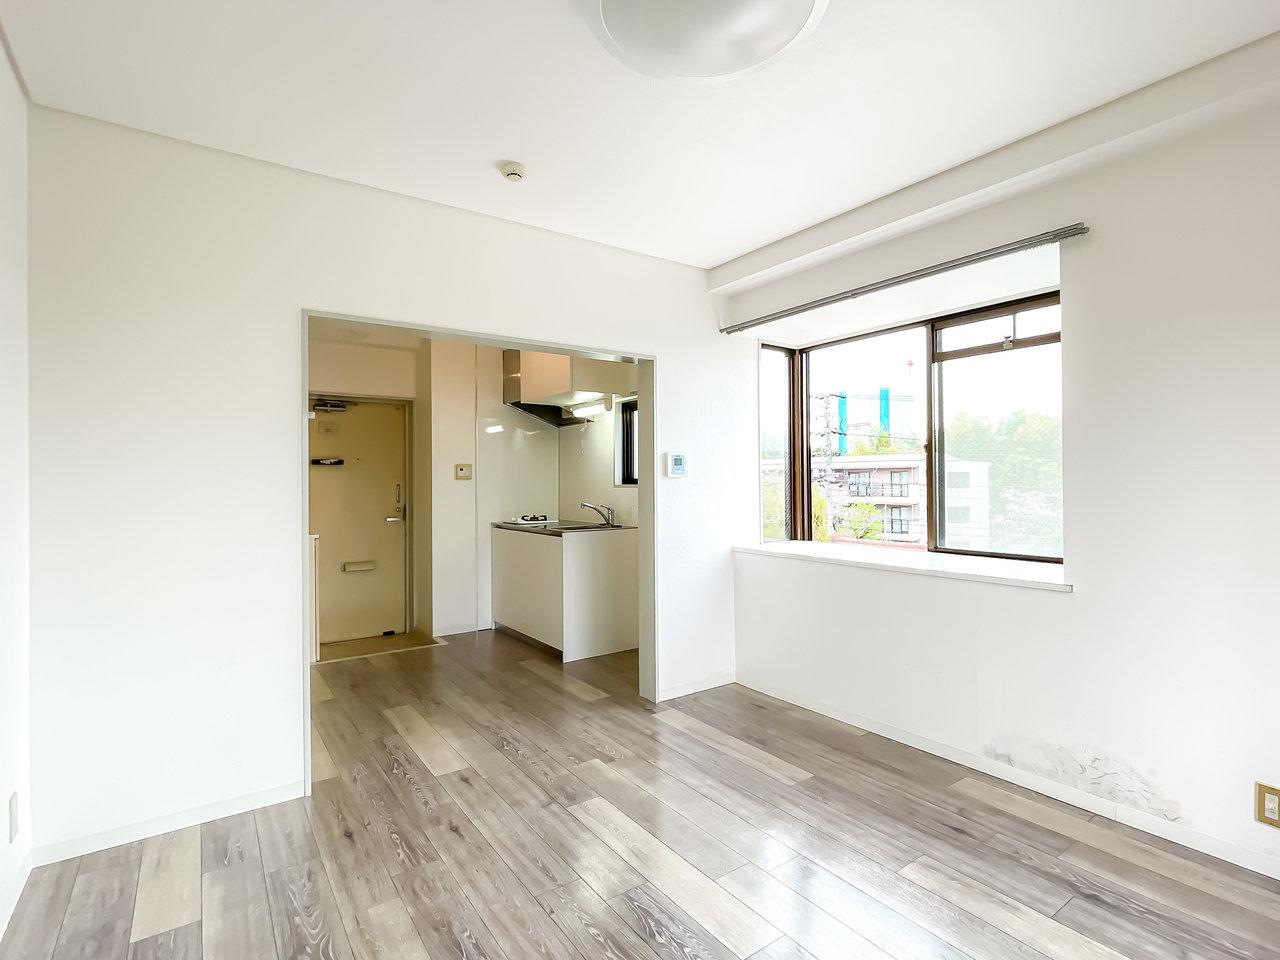 築年数34年の1K物件。間取りはシンプルなので、家具が配置しやすい形です。出窓があって、2面採光。とっても明るい!